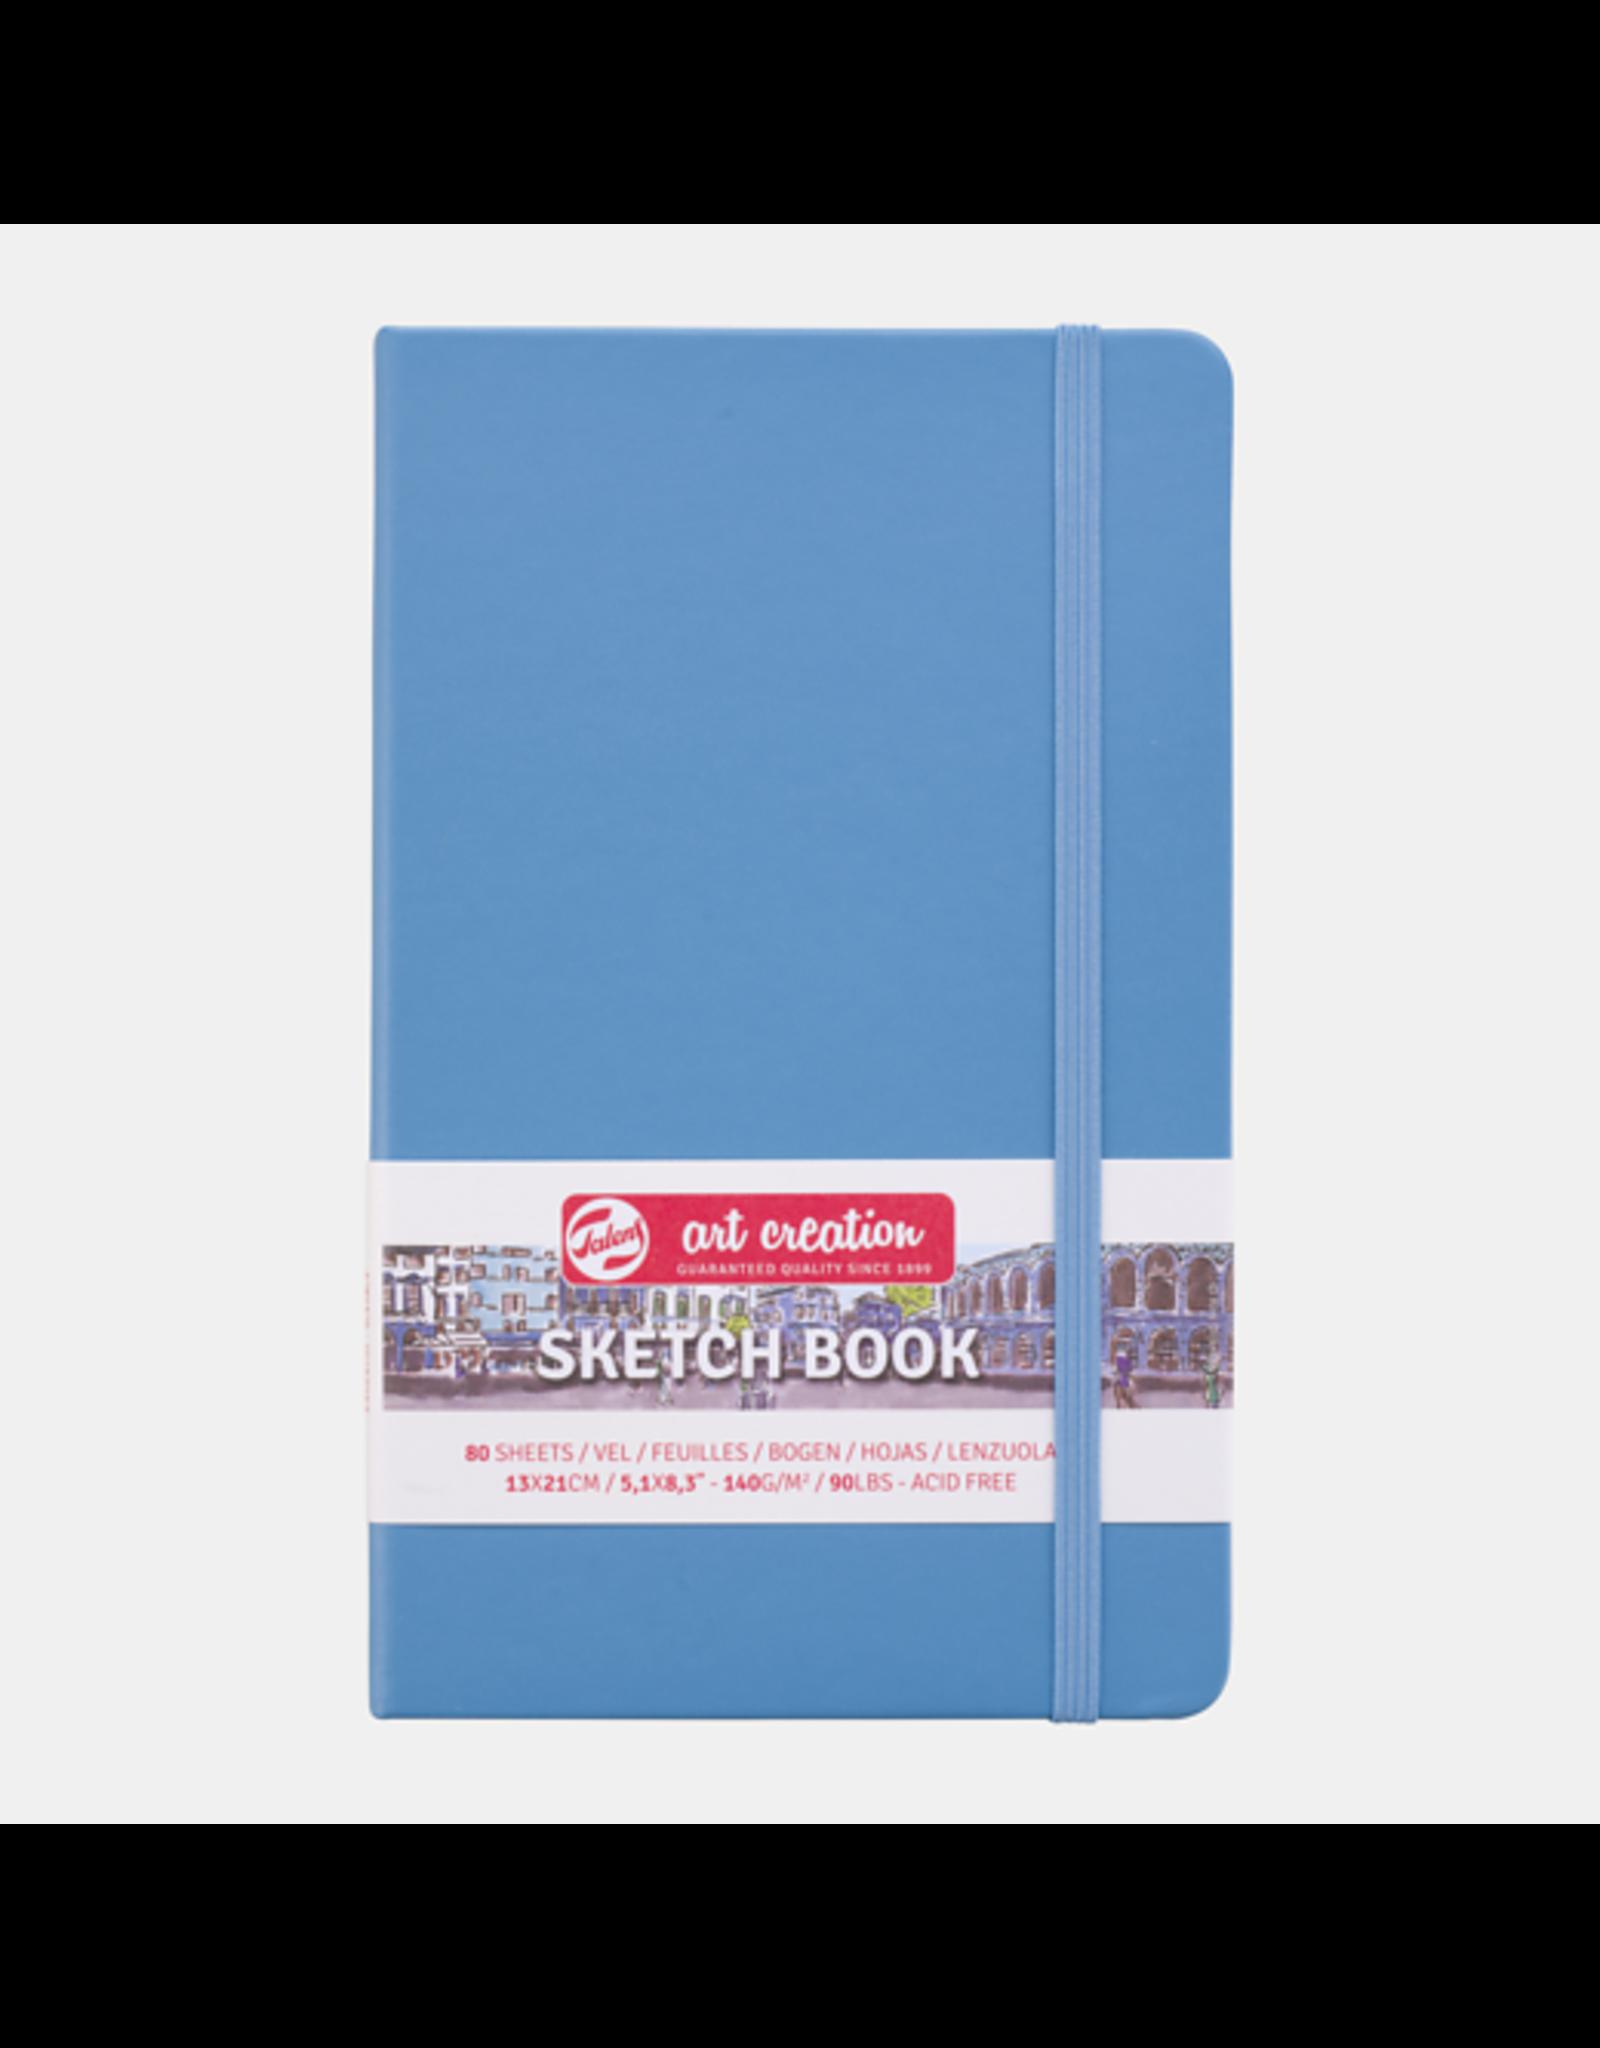 Sketch book lake blue 13x21cm